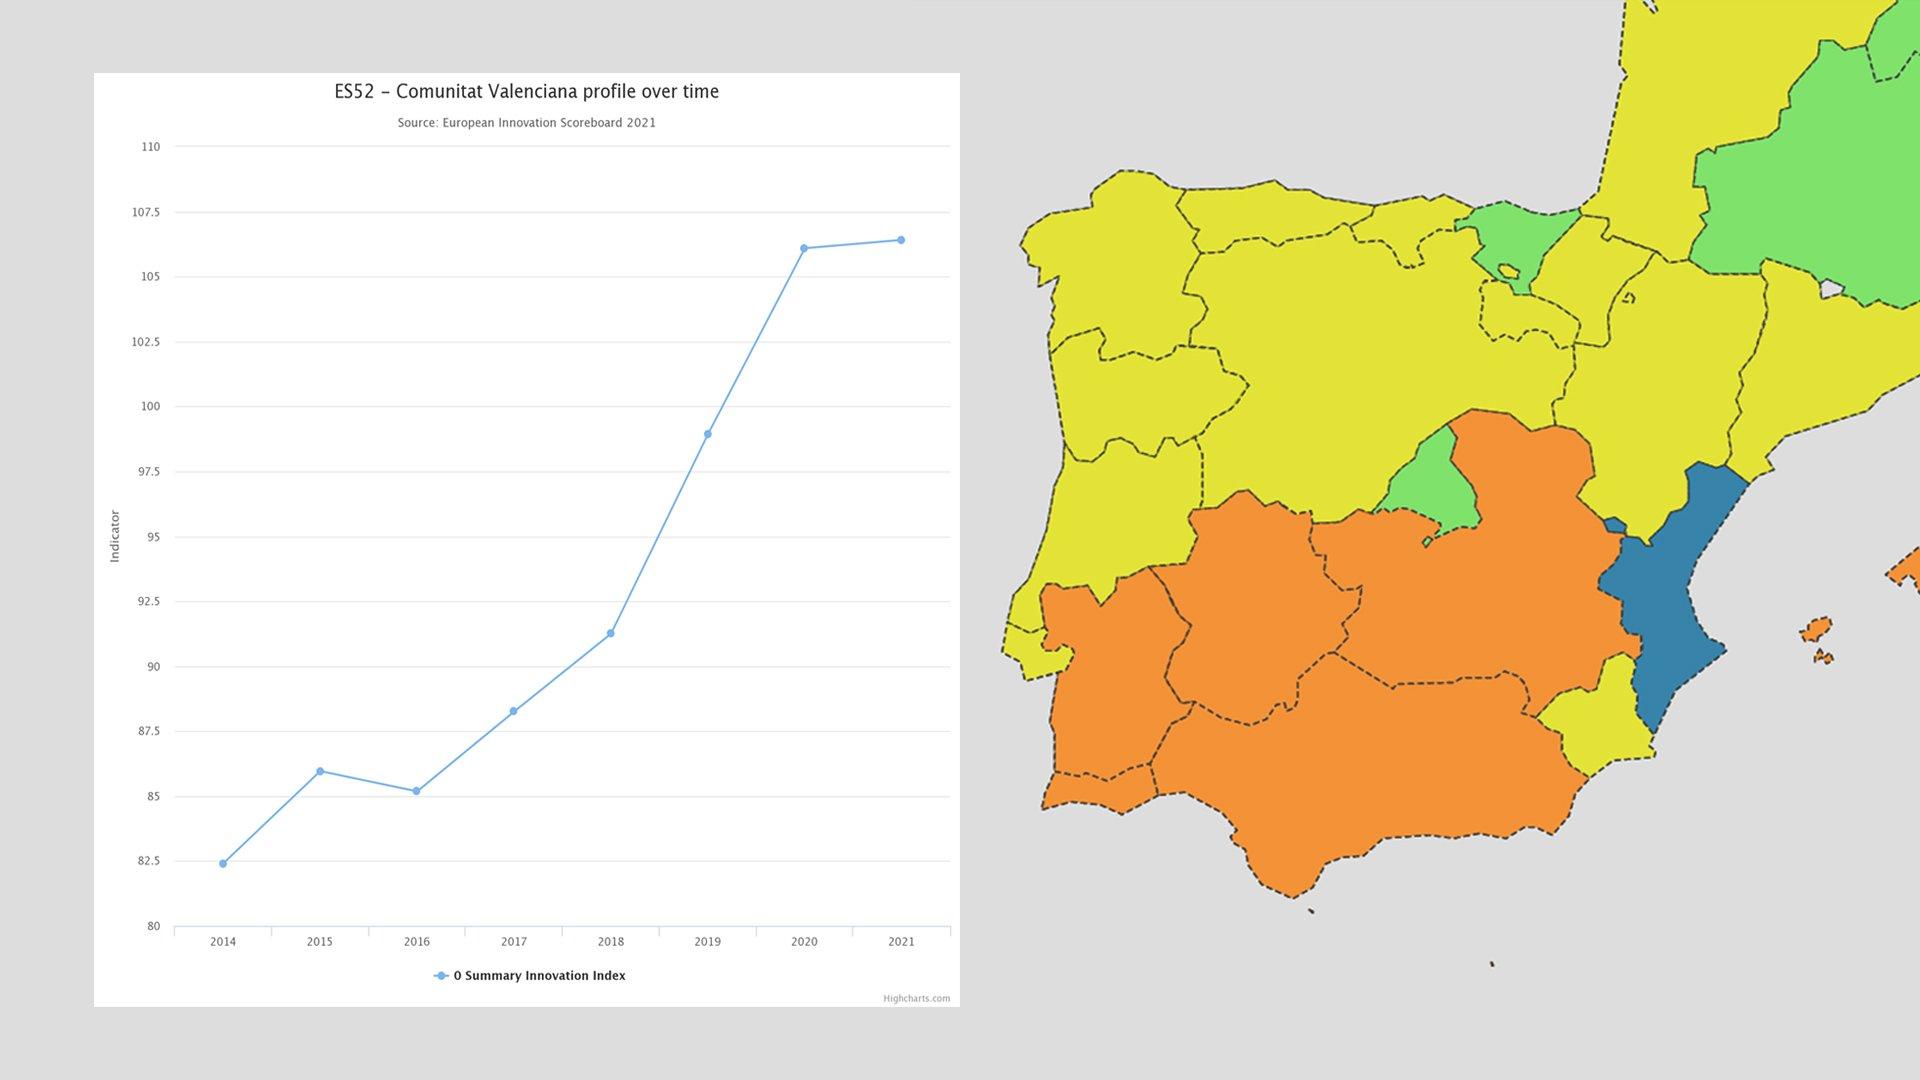 La valenciana es la region europea que mas crece en innovacion_evolucio-1